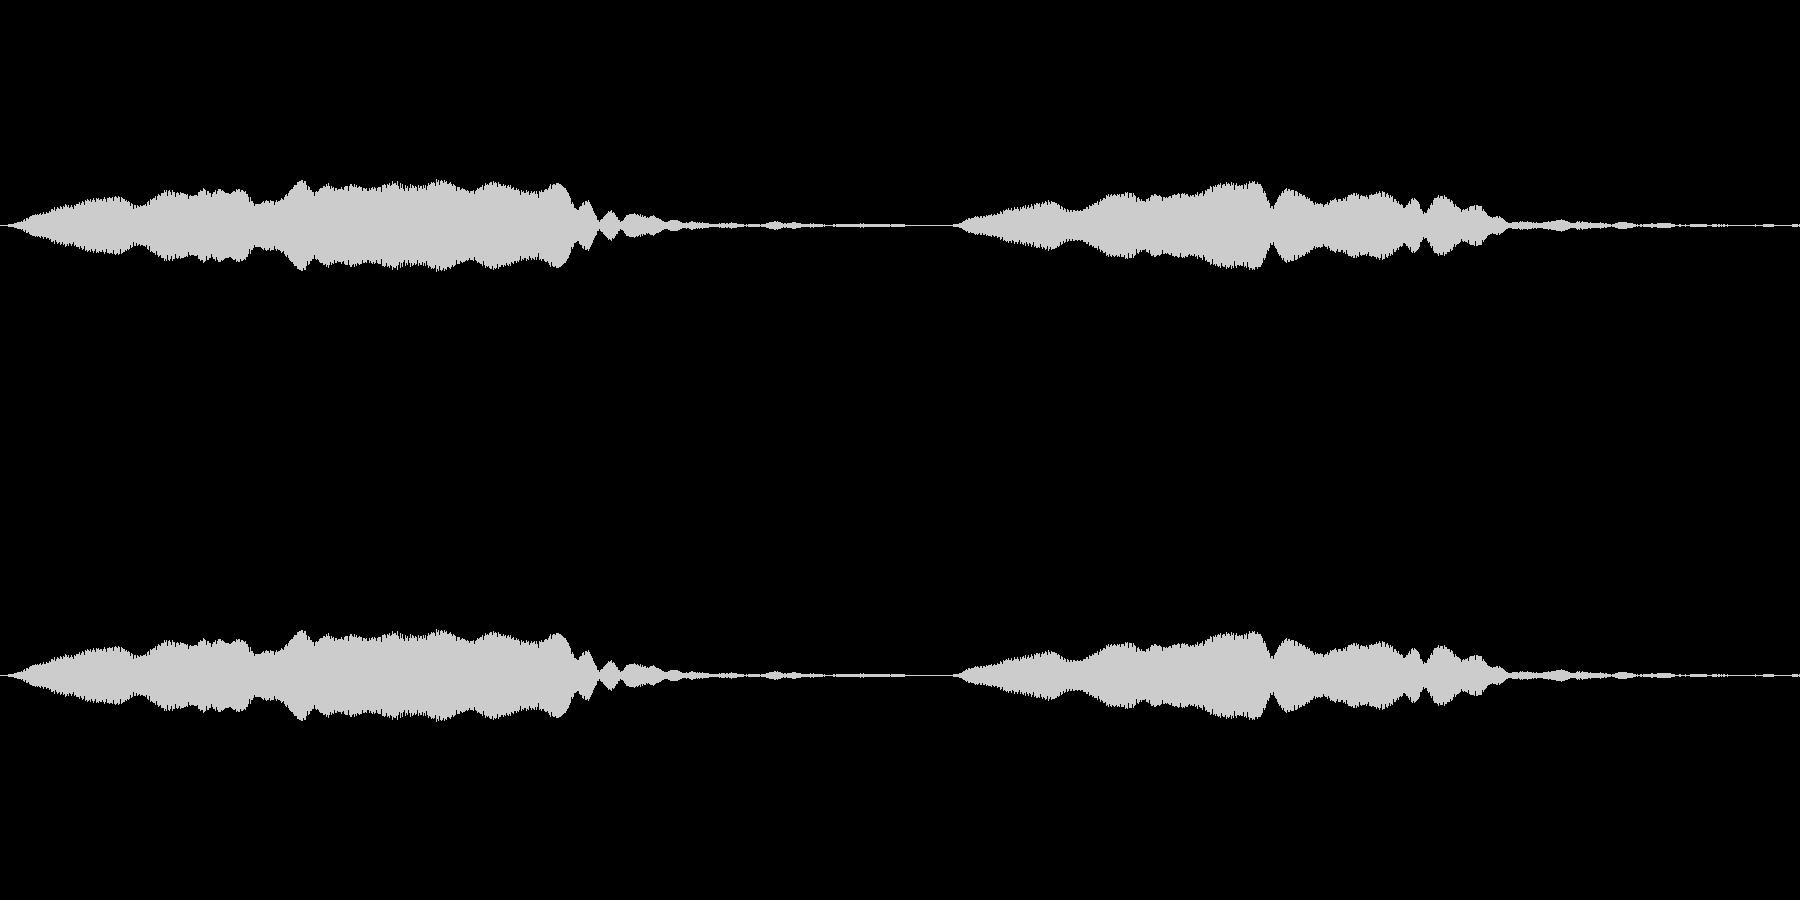 ピピッ(ホイッスルの音)の未再生の波形